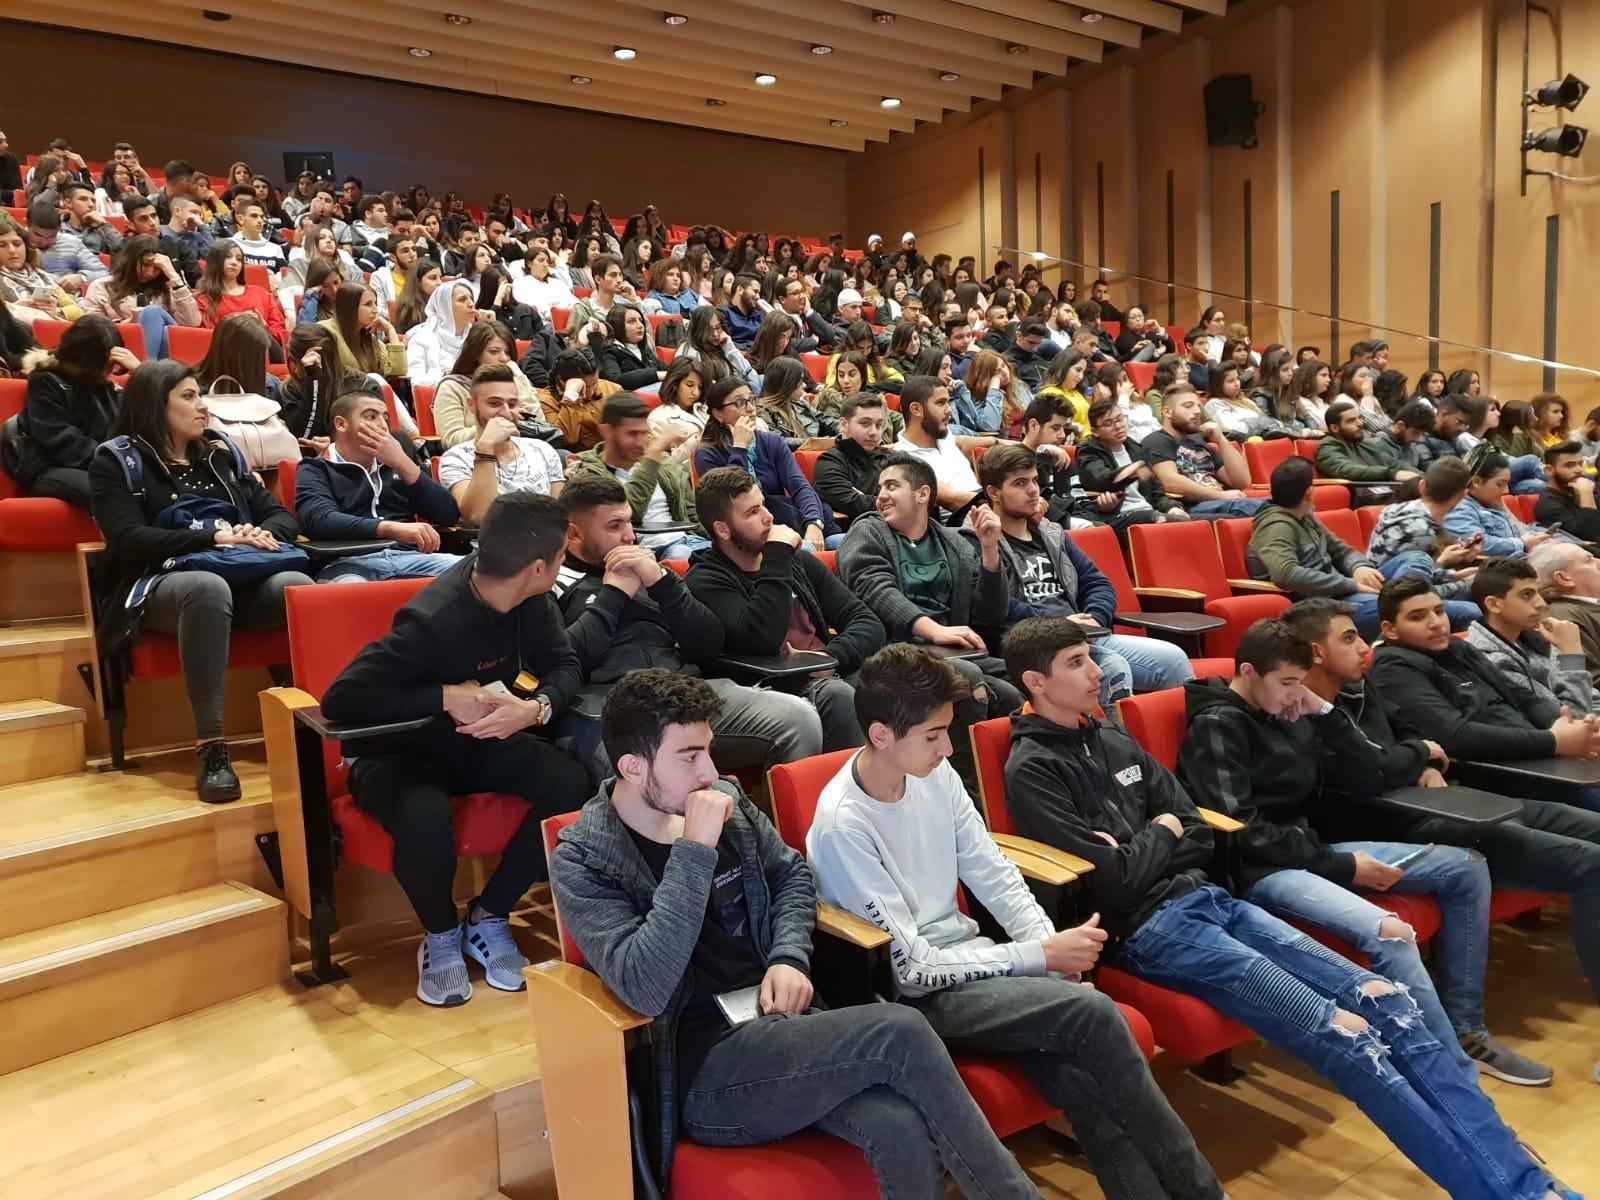 كلية تل حاي تستضيف 300 طالب ثانوي من قرى الجليل ضمن برنامج رواد